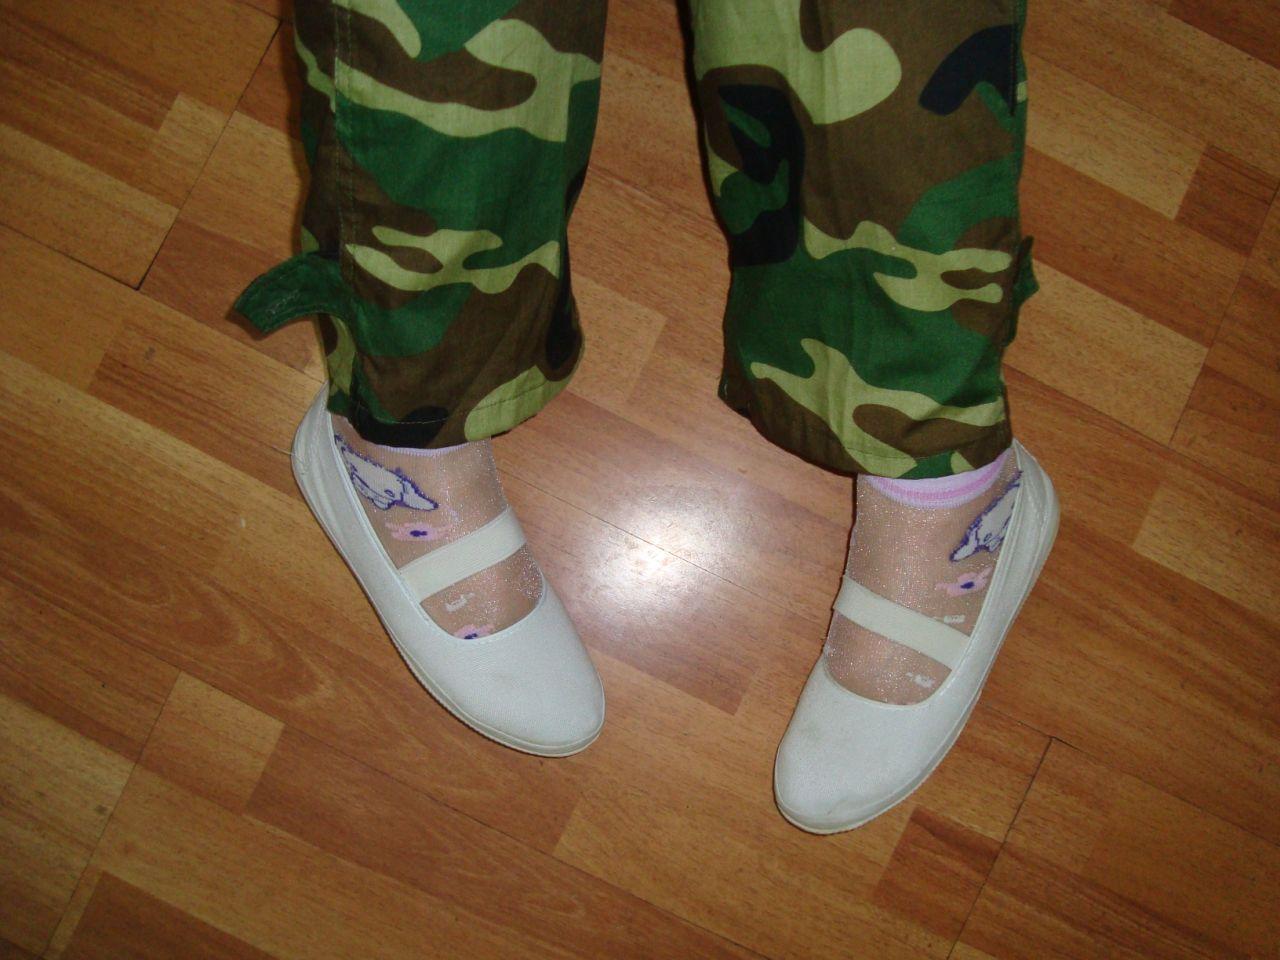 我和我的冰短袜 冰丝短袜吧